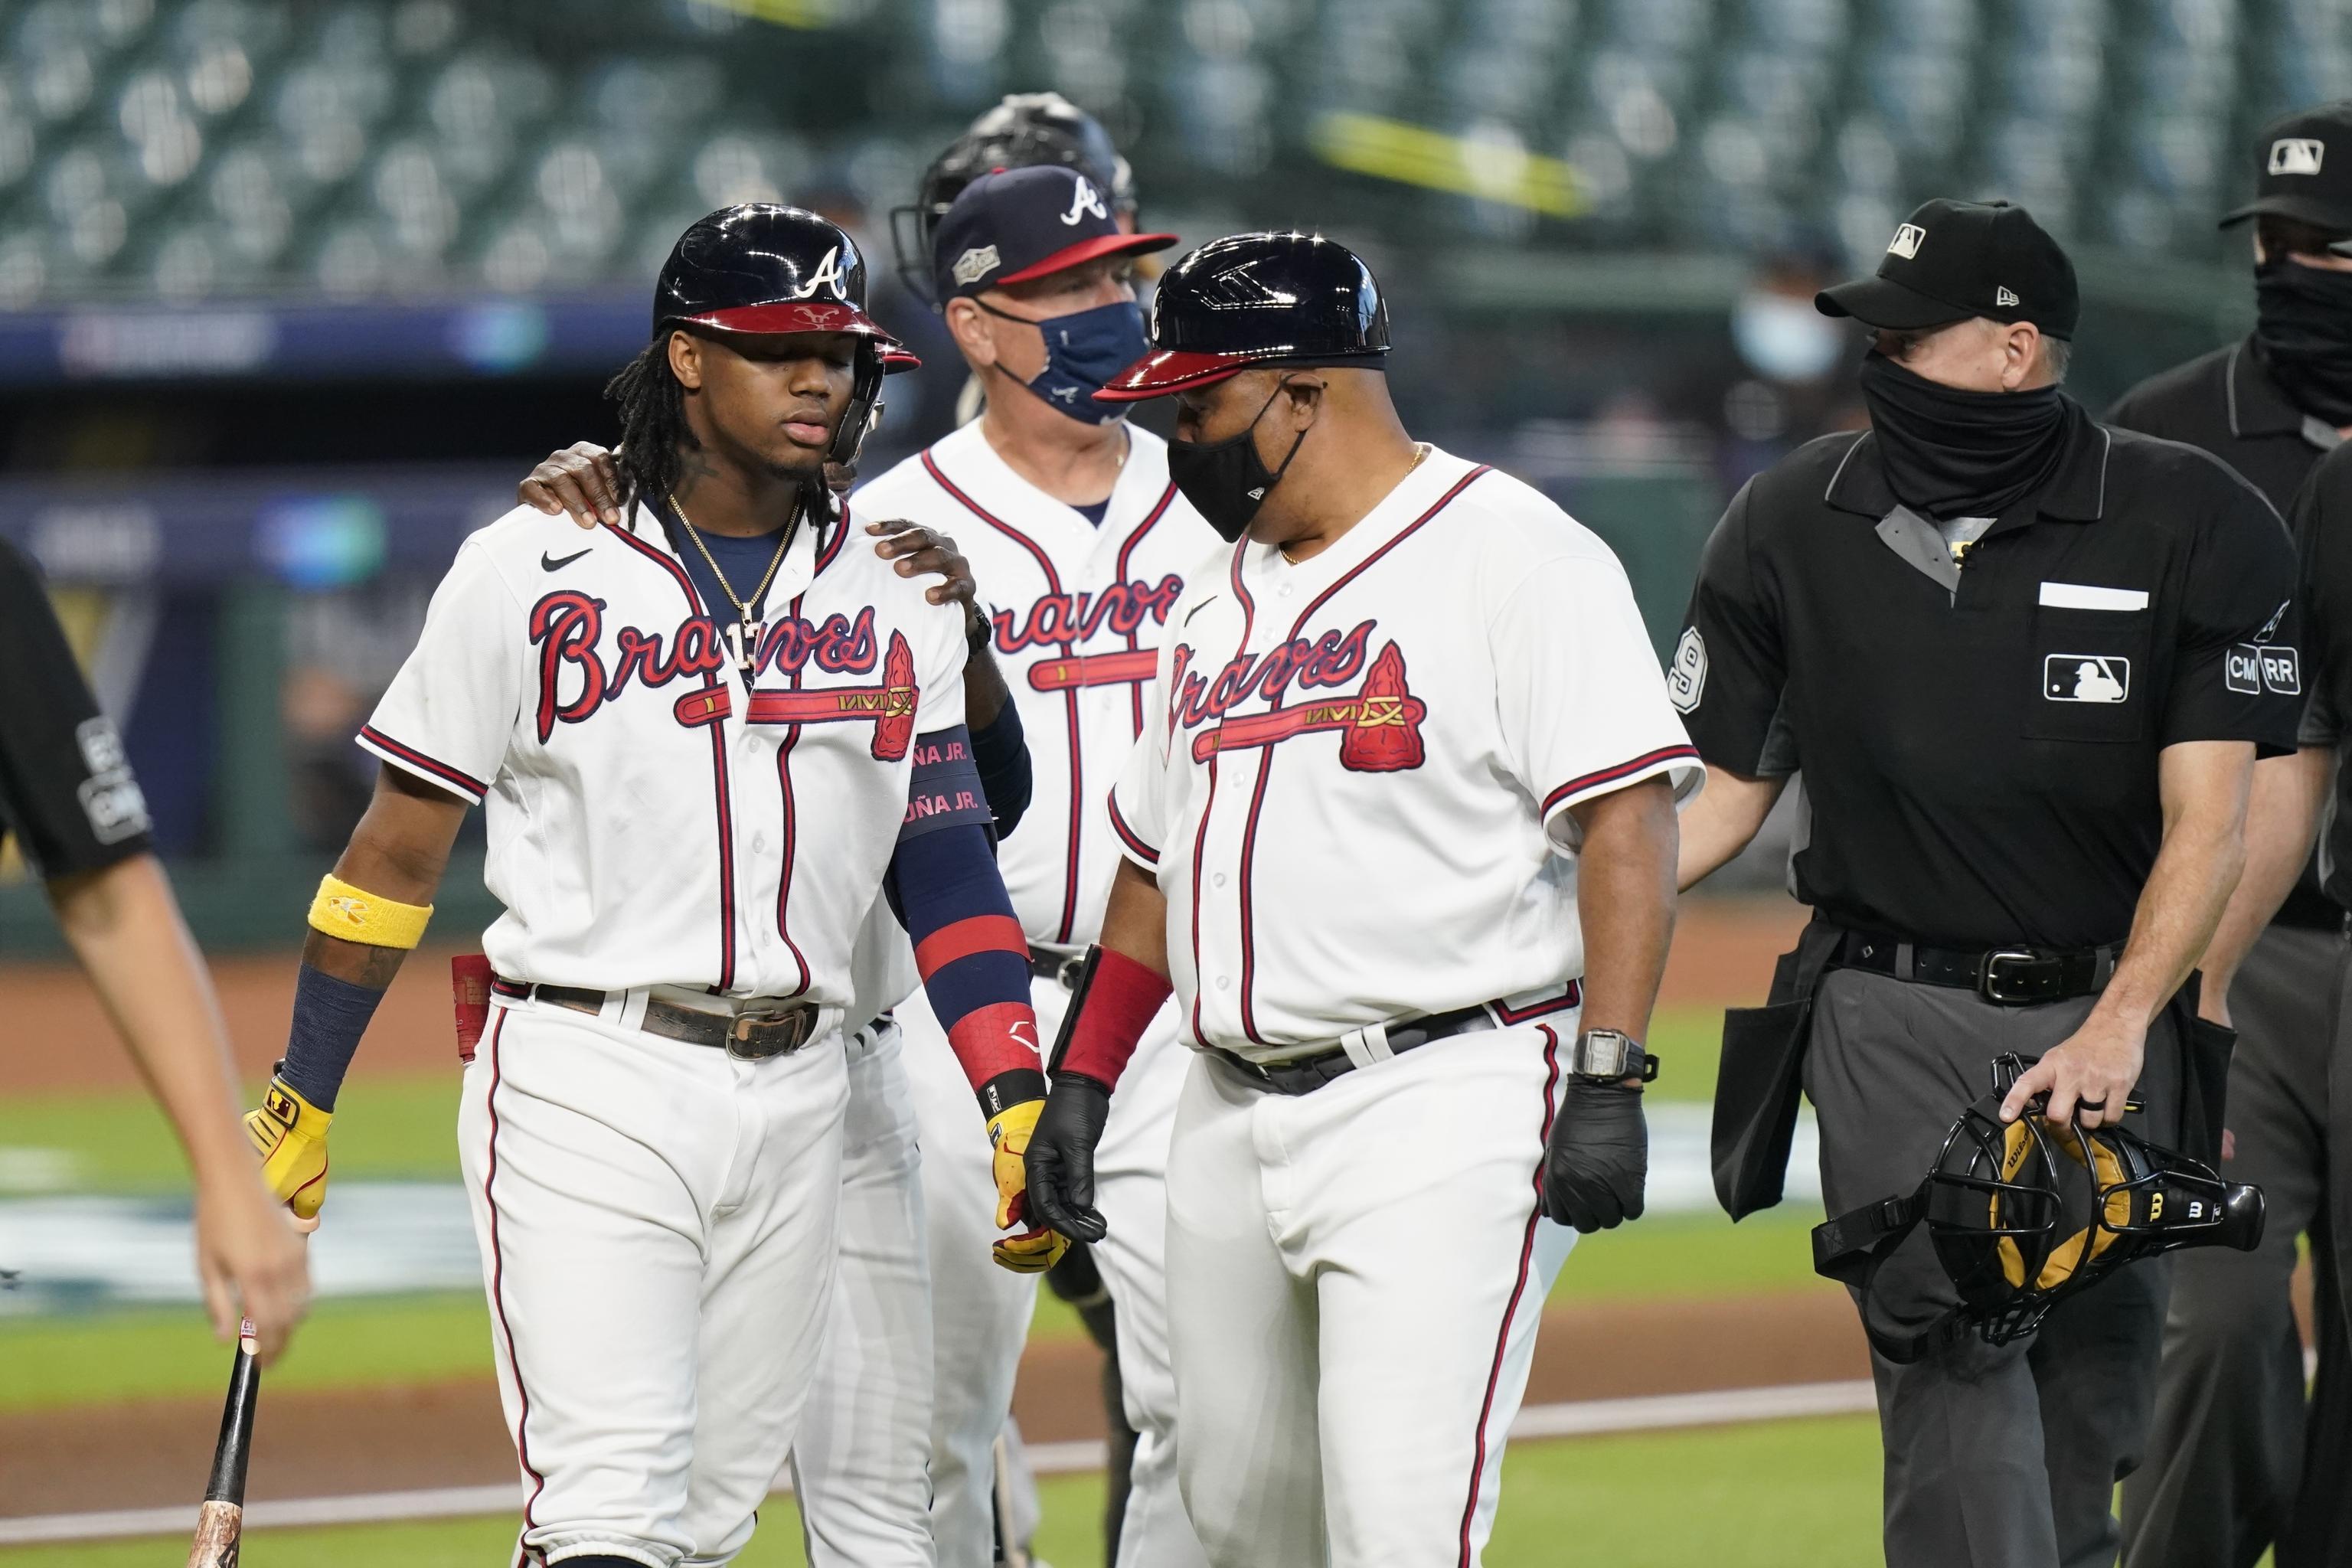 Peluang NLDS Braves Marlins Dodgers Padres